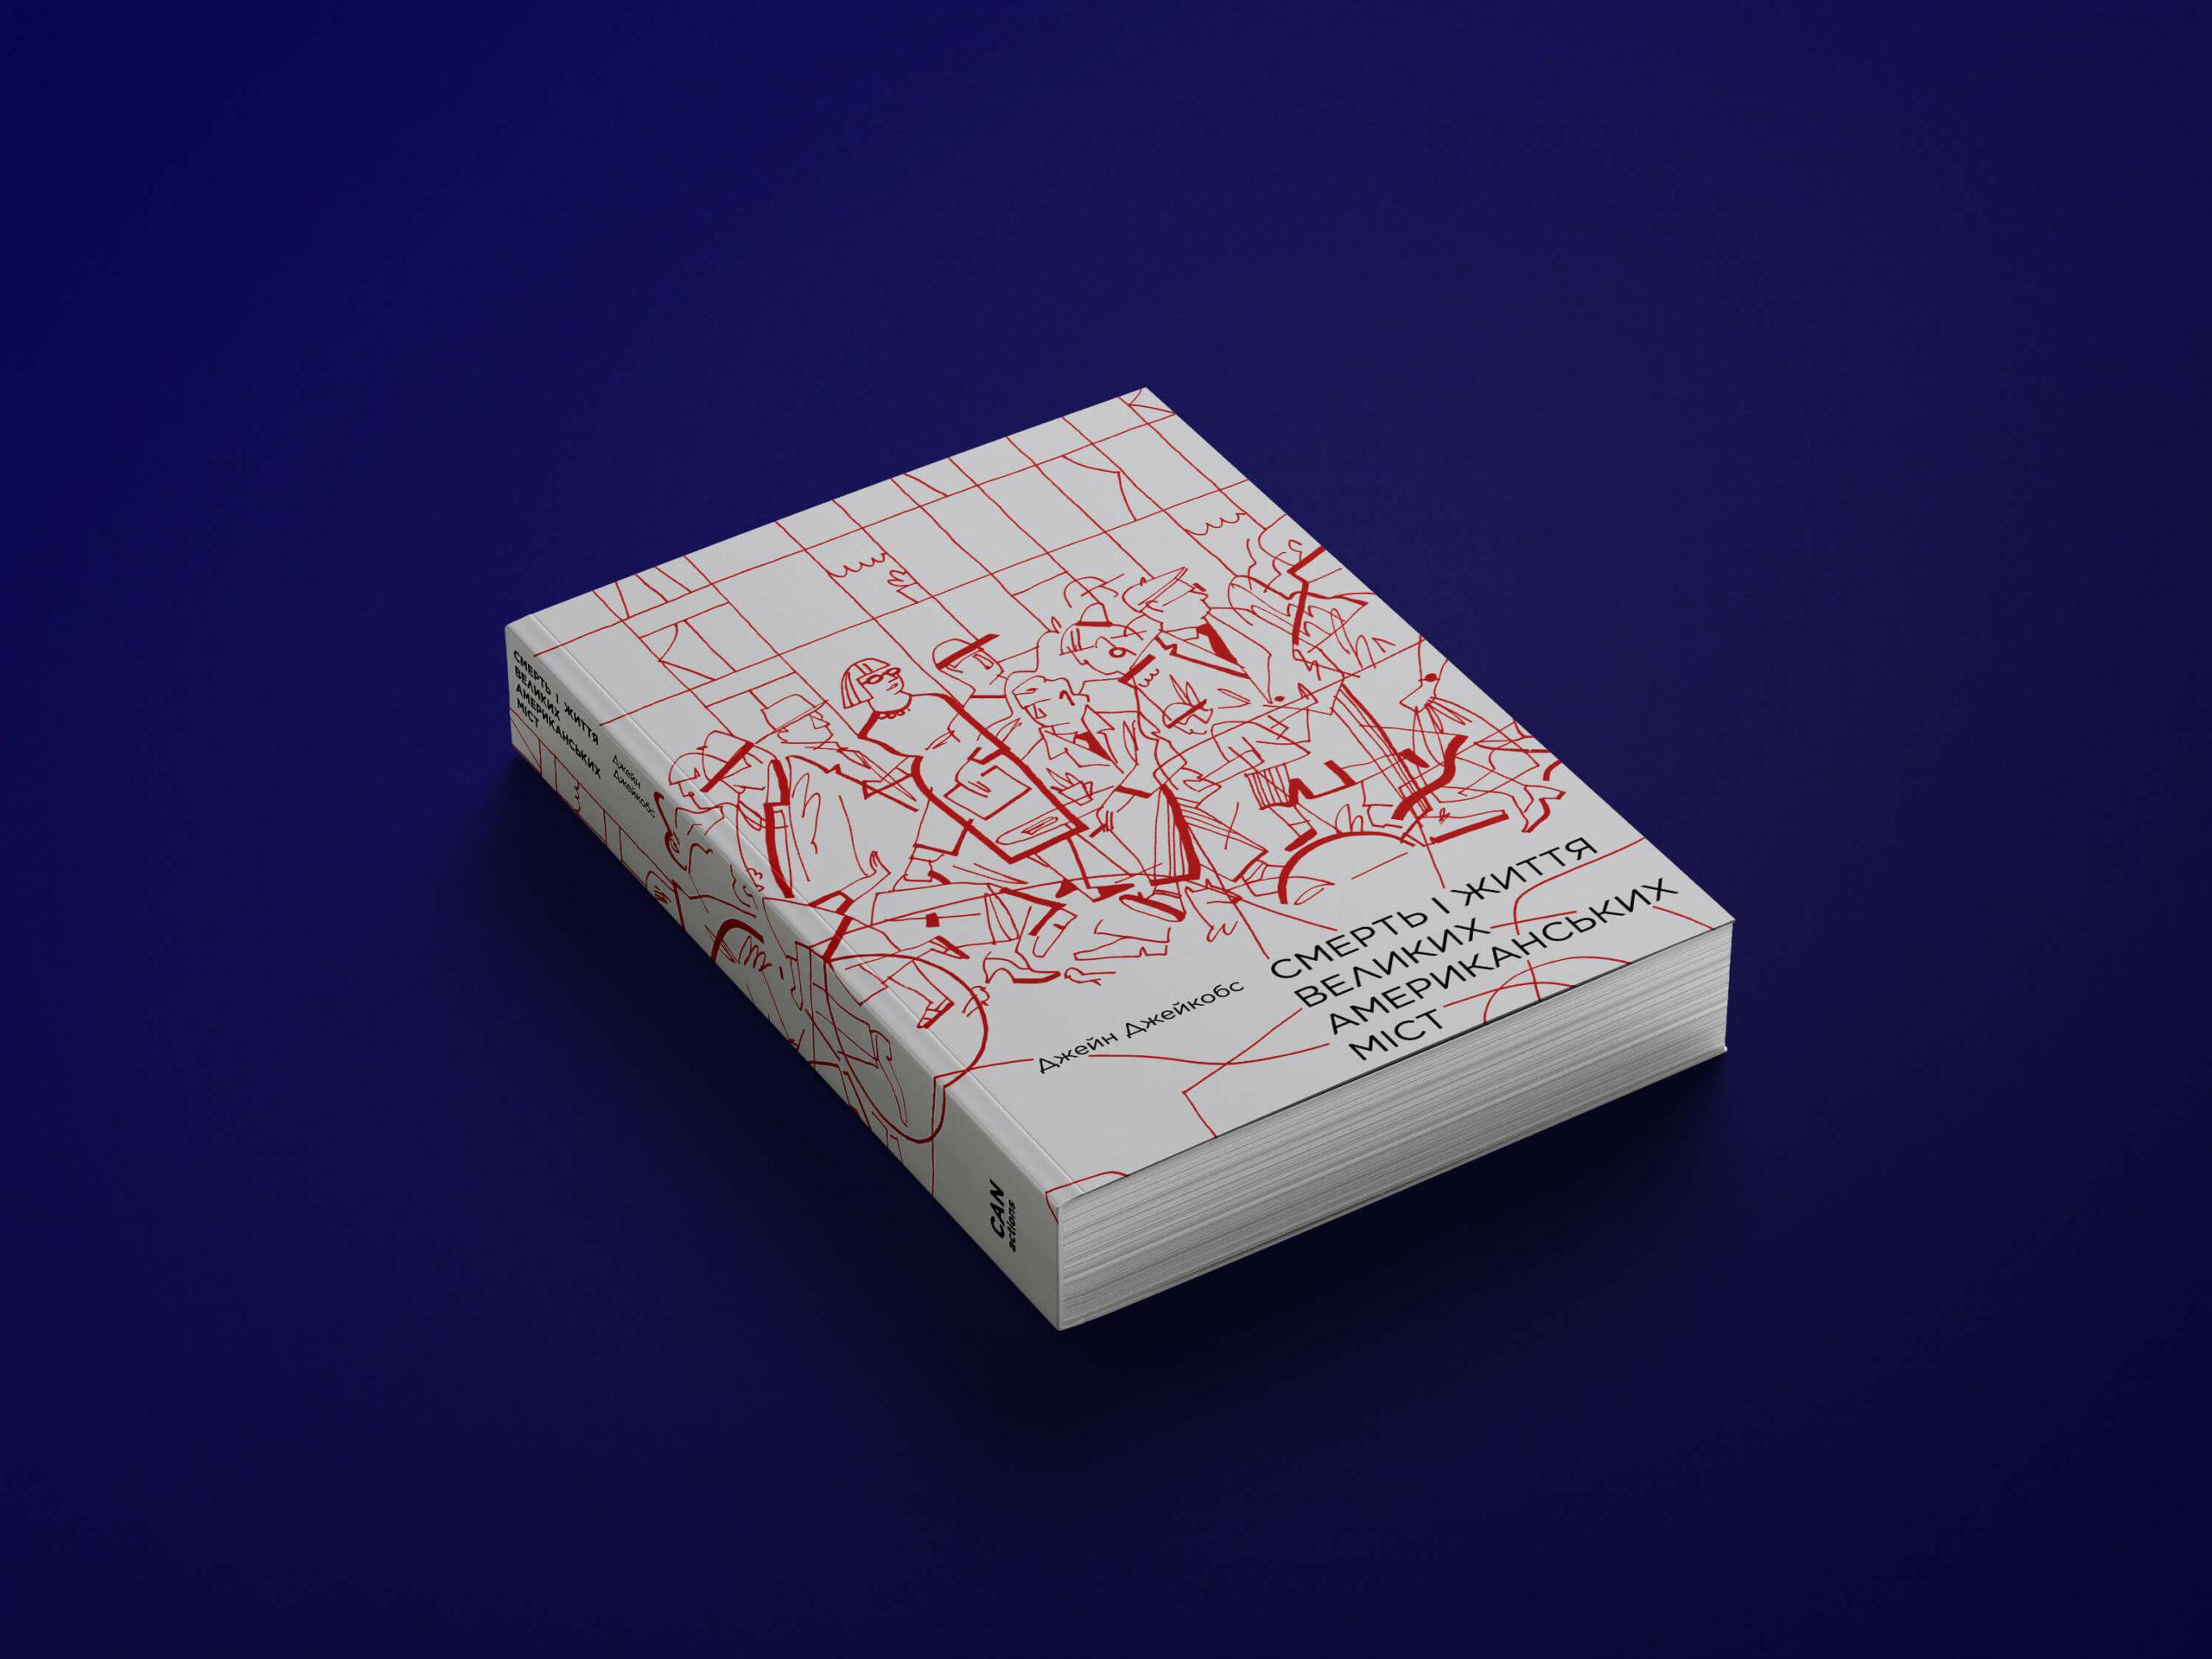 Обкладинка українського видання книжки «Смерть і життя великих американських міст» Джейн Джейкобс. Надано видавництвом CANactions